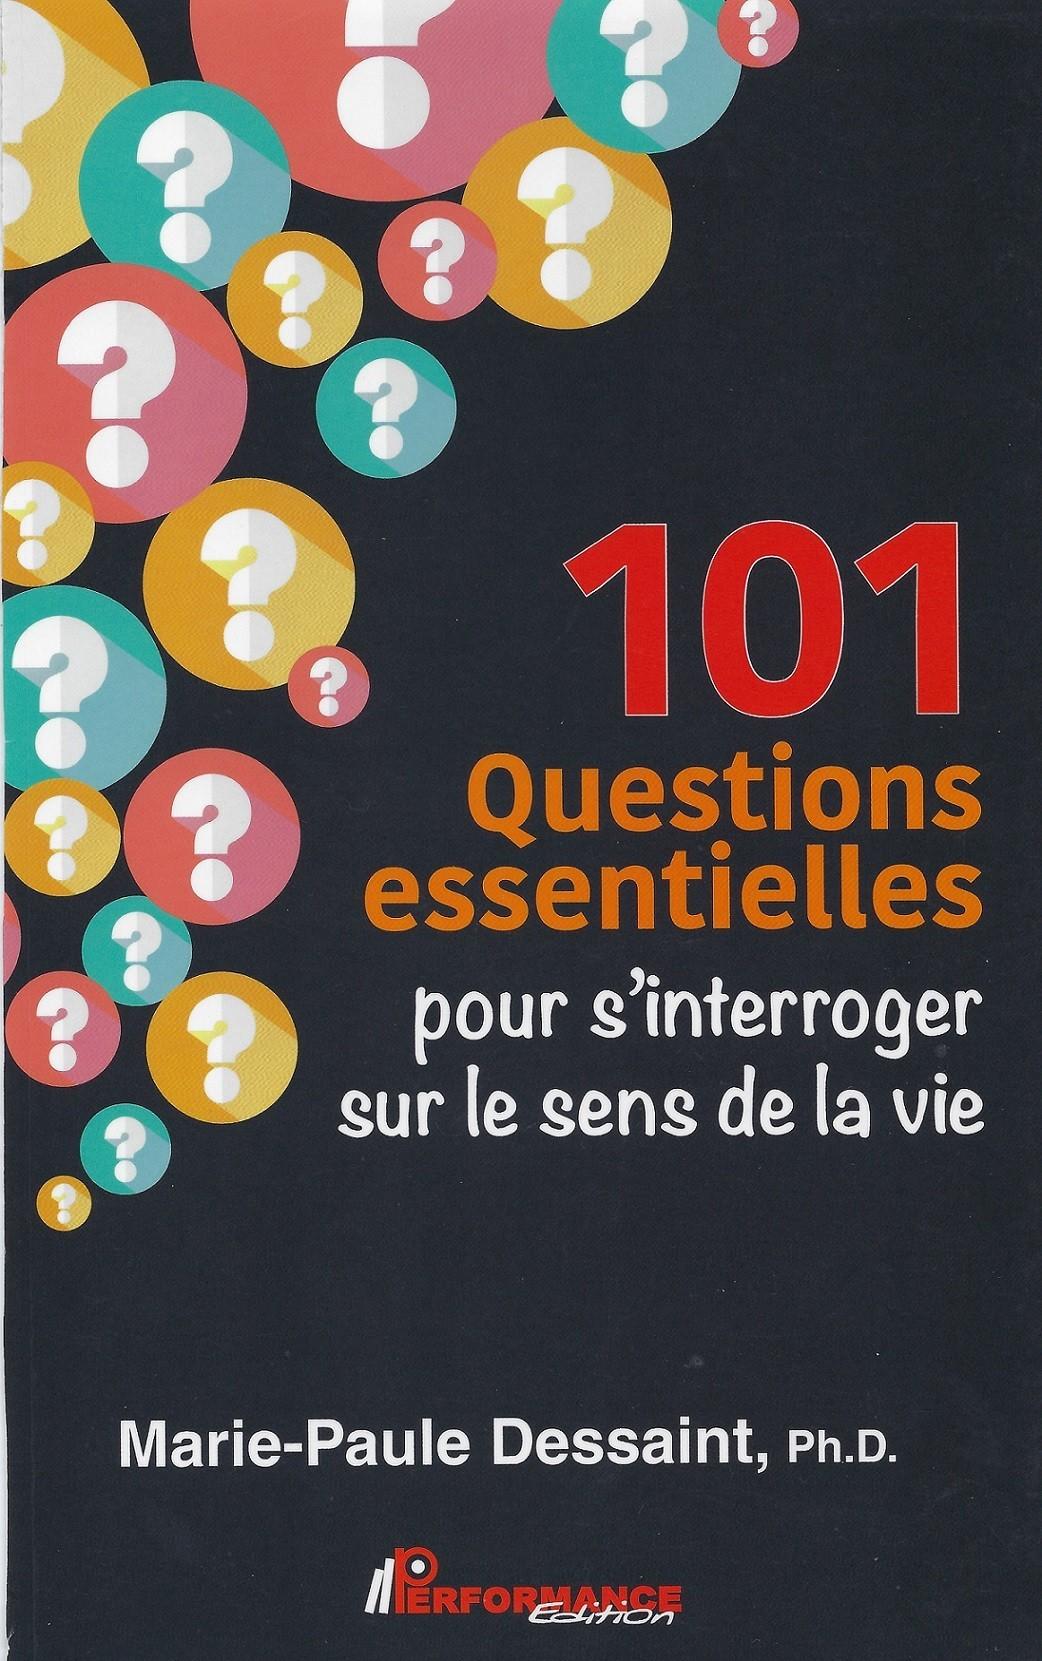 Ces 101 questions vont vous aider à découvrir le sens de votre vie. Découvrez à quel point elles sont «puissantes»